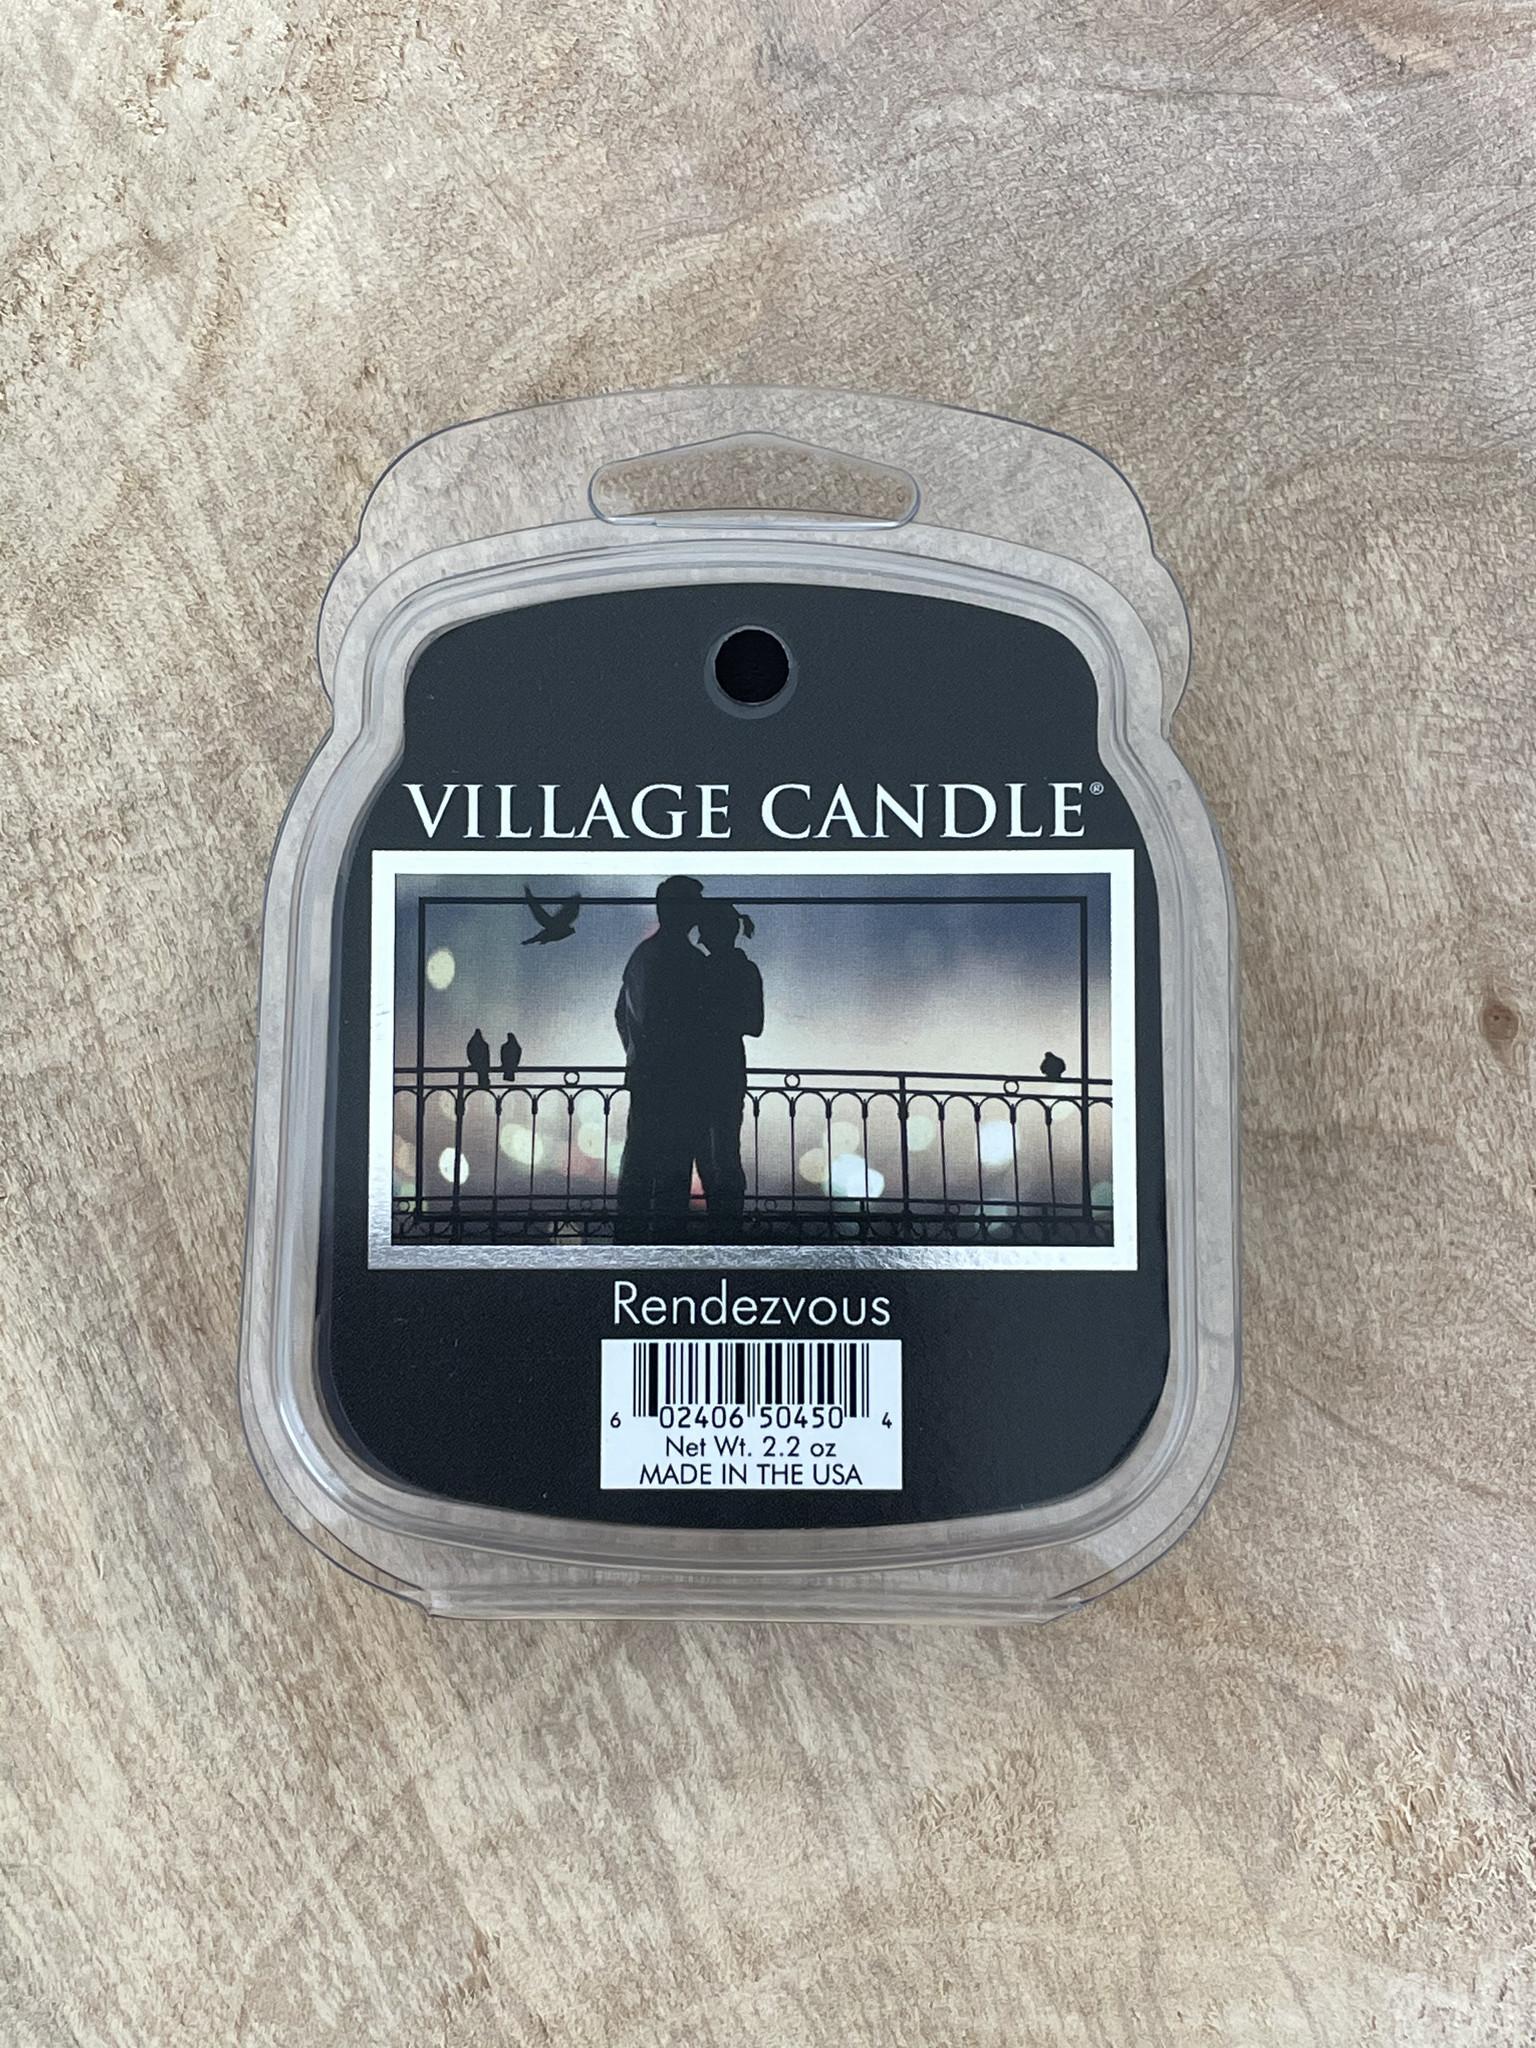 Village Candle Village Candle Rendezvous Wax Melt